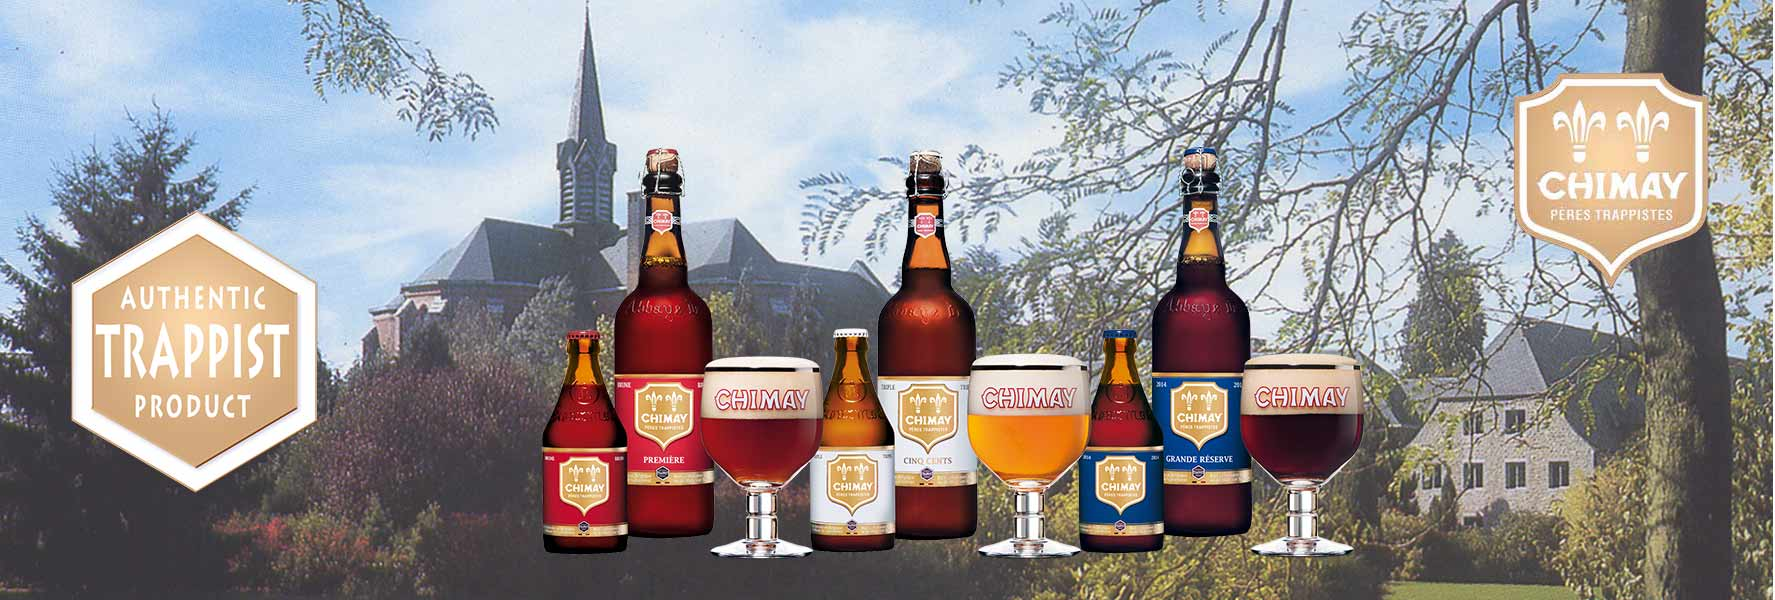 Trappisten Bier Chiemay aus dem Kloster kaufen